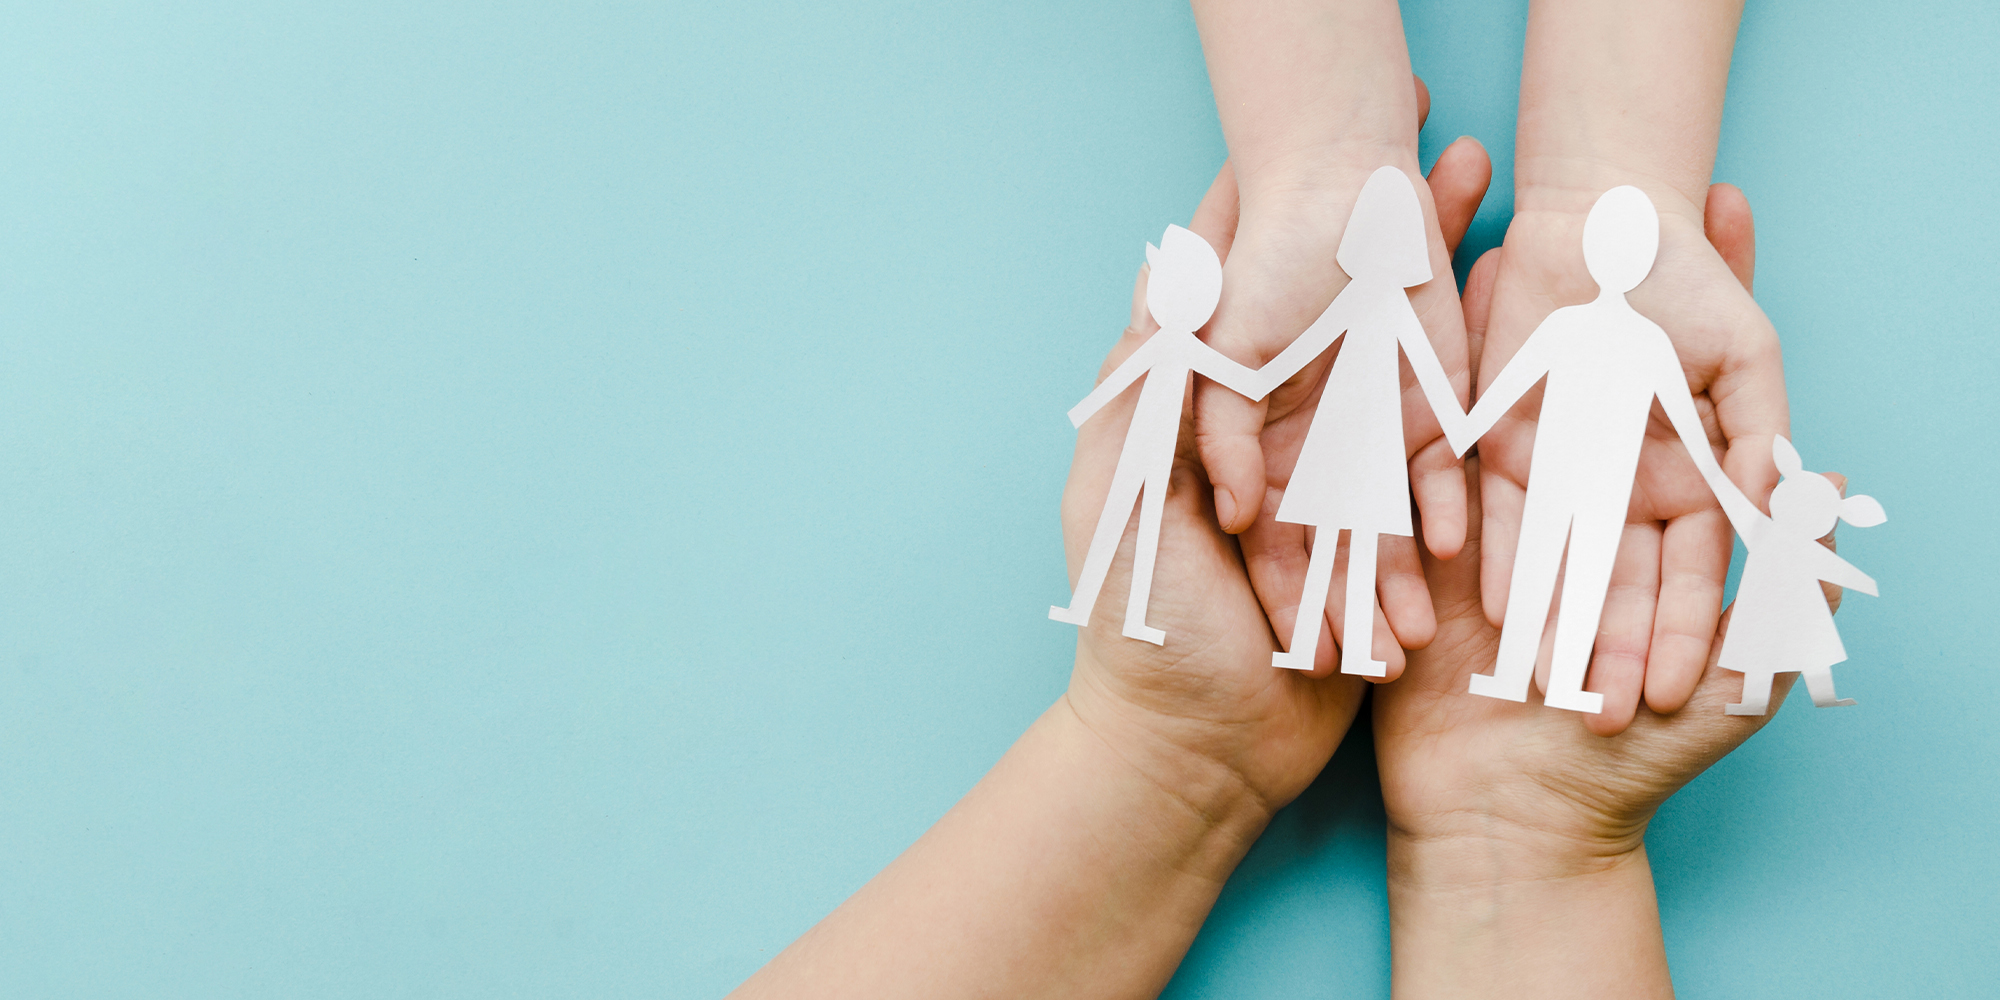 Constelação familiar relacionada ao direito de família: prática costuma facilitar acordos